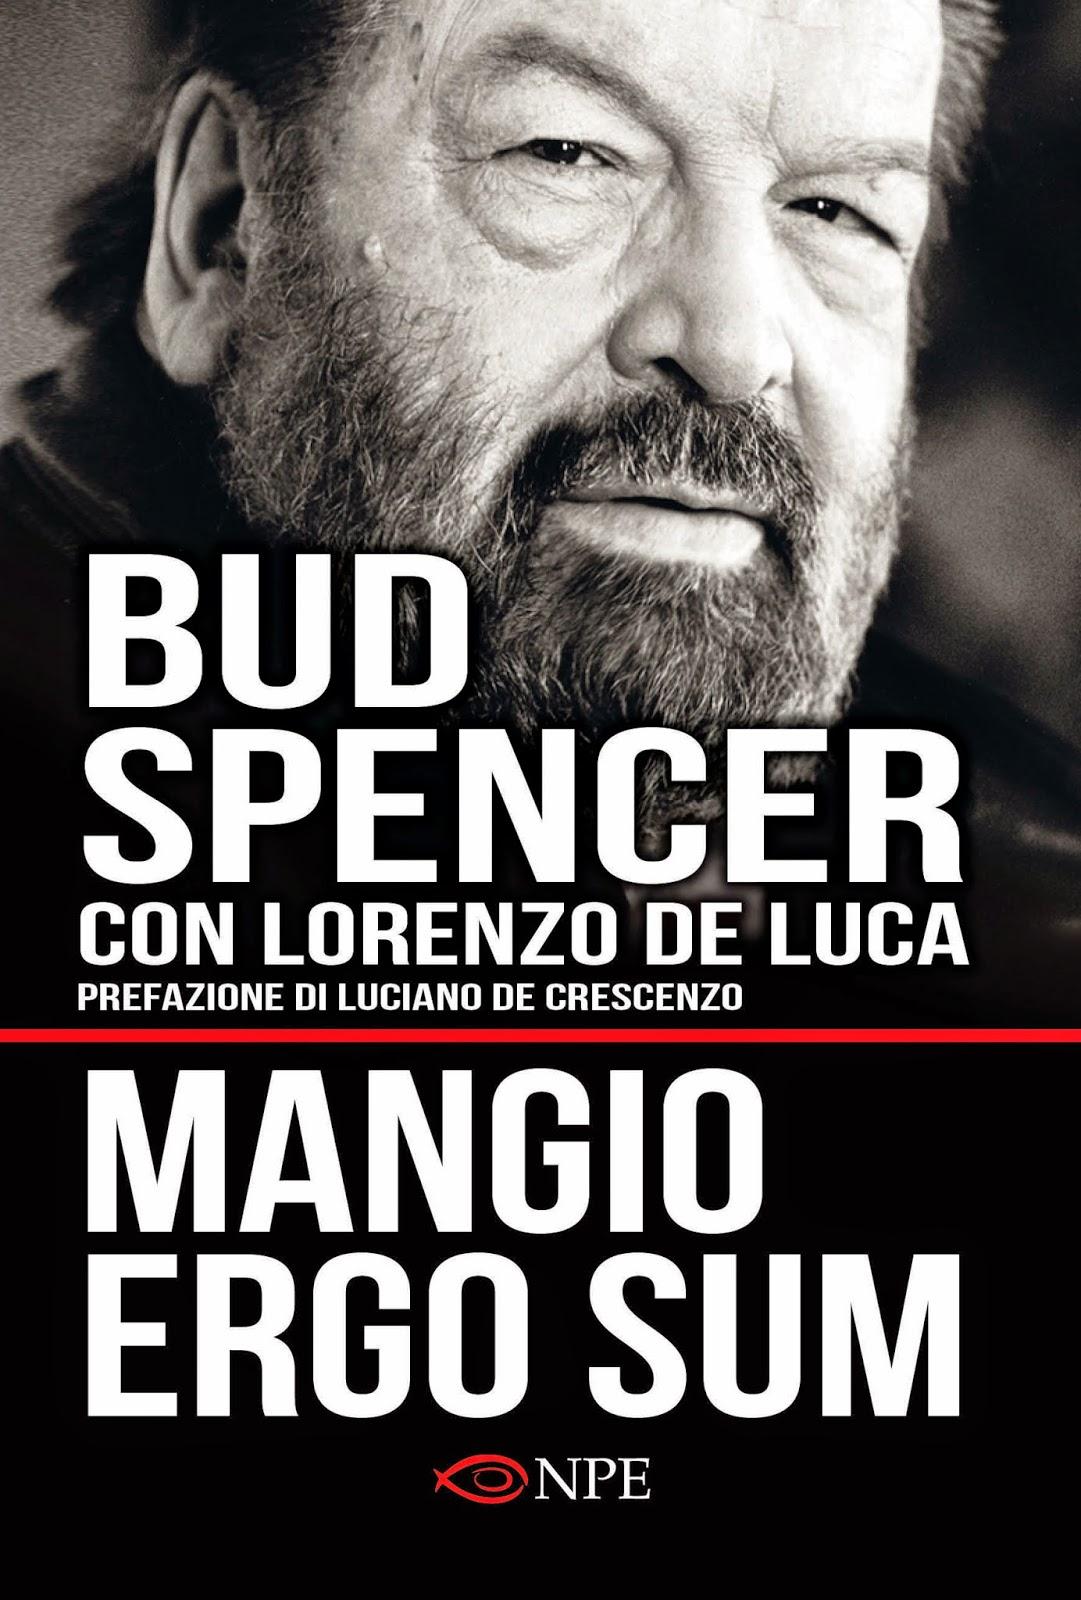 INTERVISTA A LORENZO DE LUCA, AUTORE CON BUD SPENCER DI MANGIO ERGO SUM